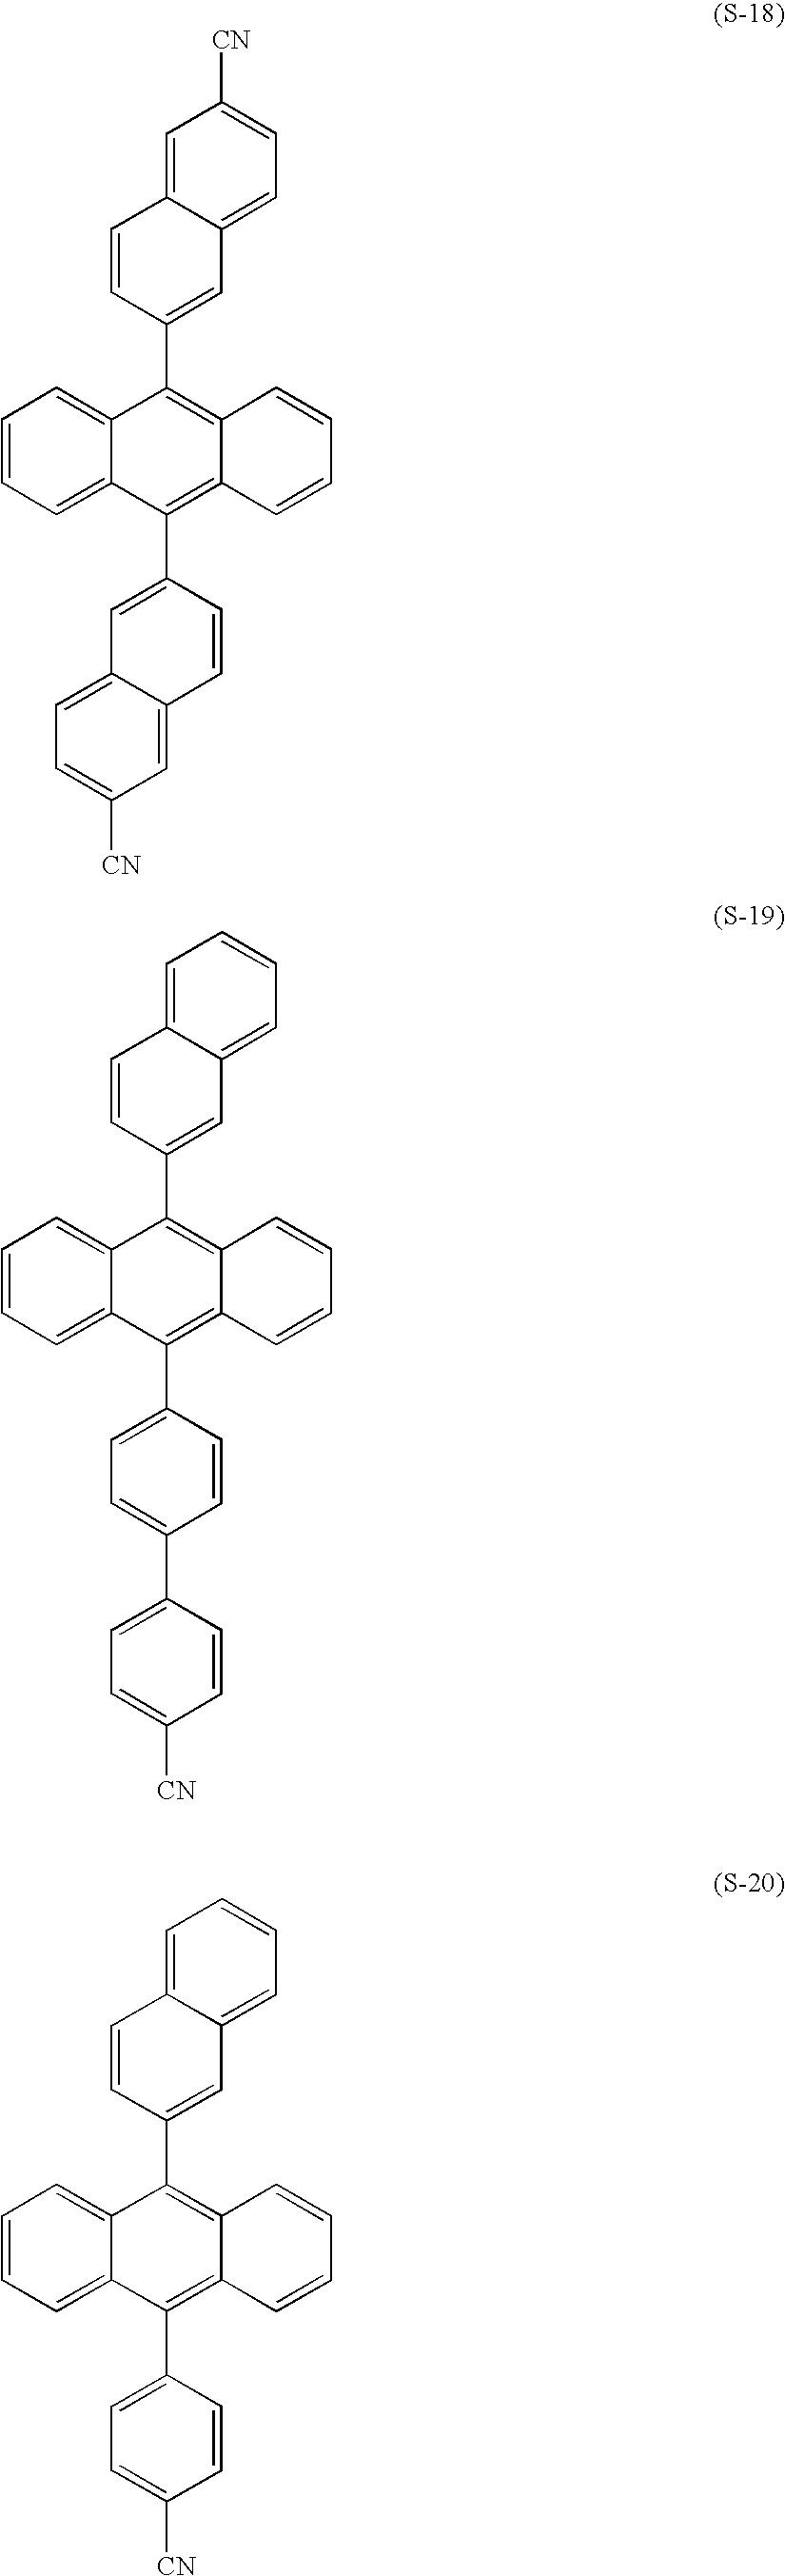 Figure US20090191427A1-20090730-C00072